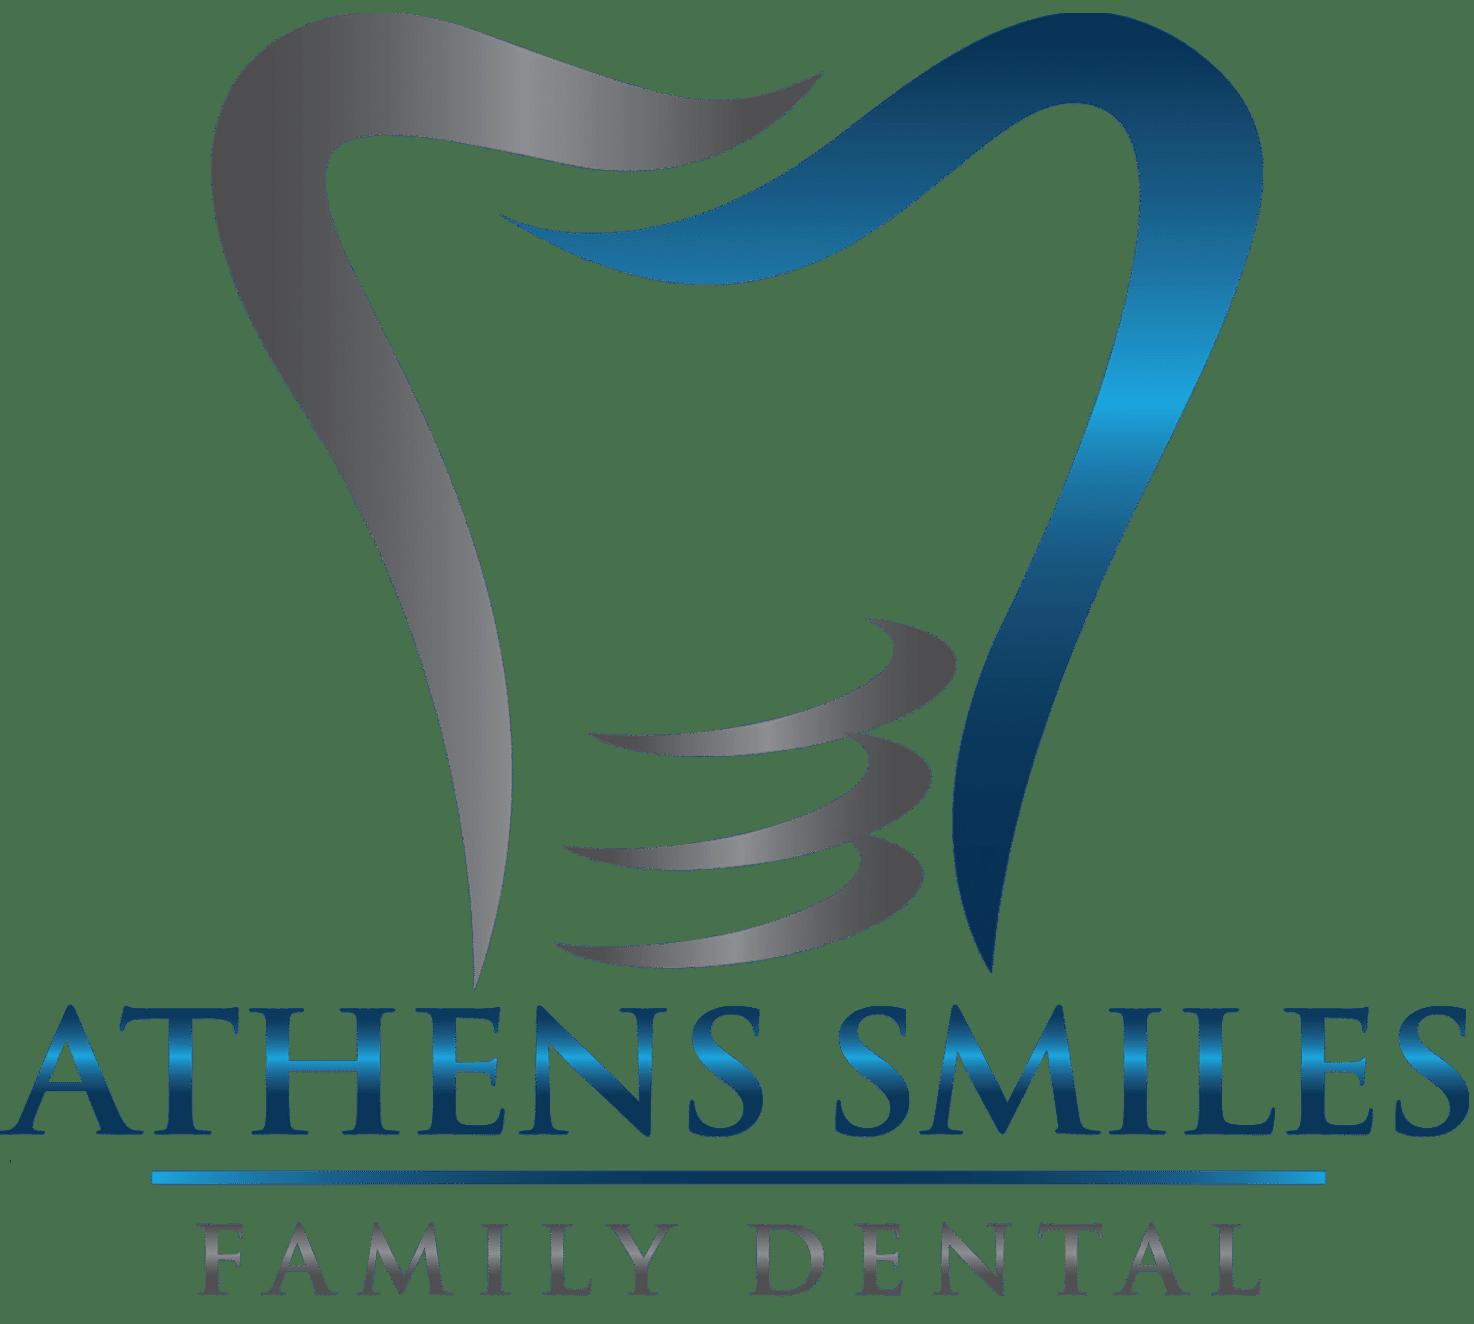 Athens Smiles